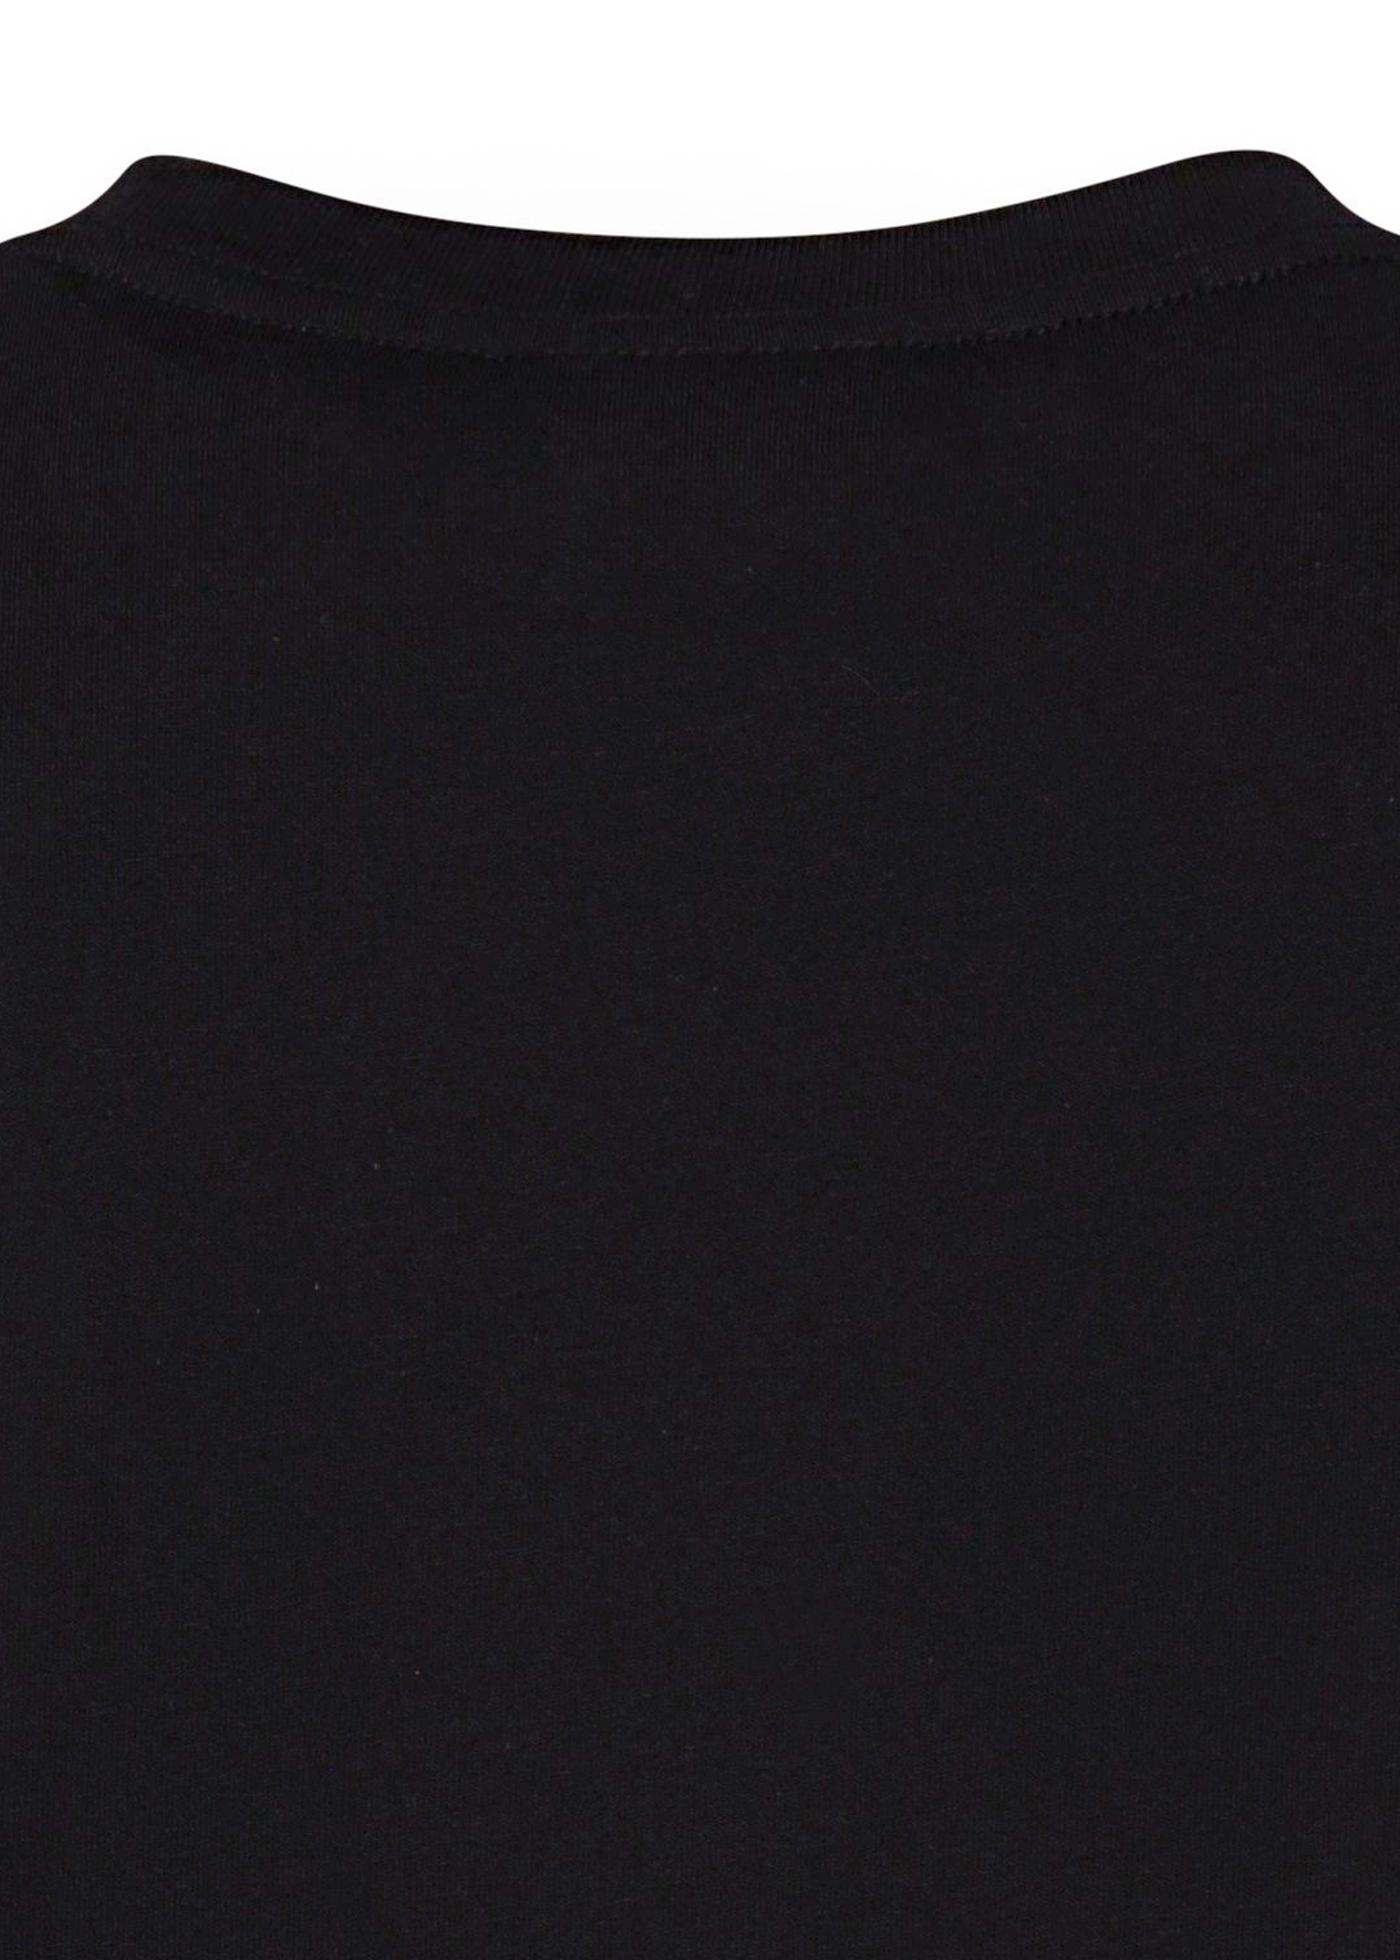 O-neck T-shirt image number 3